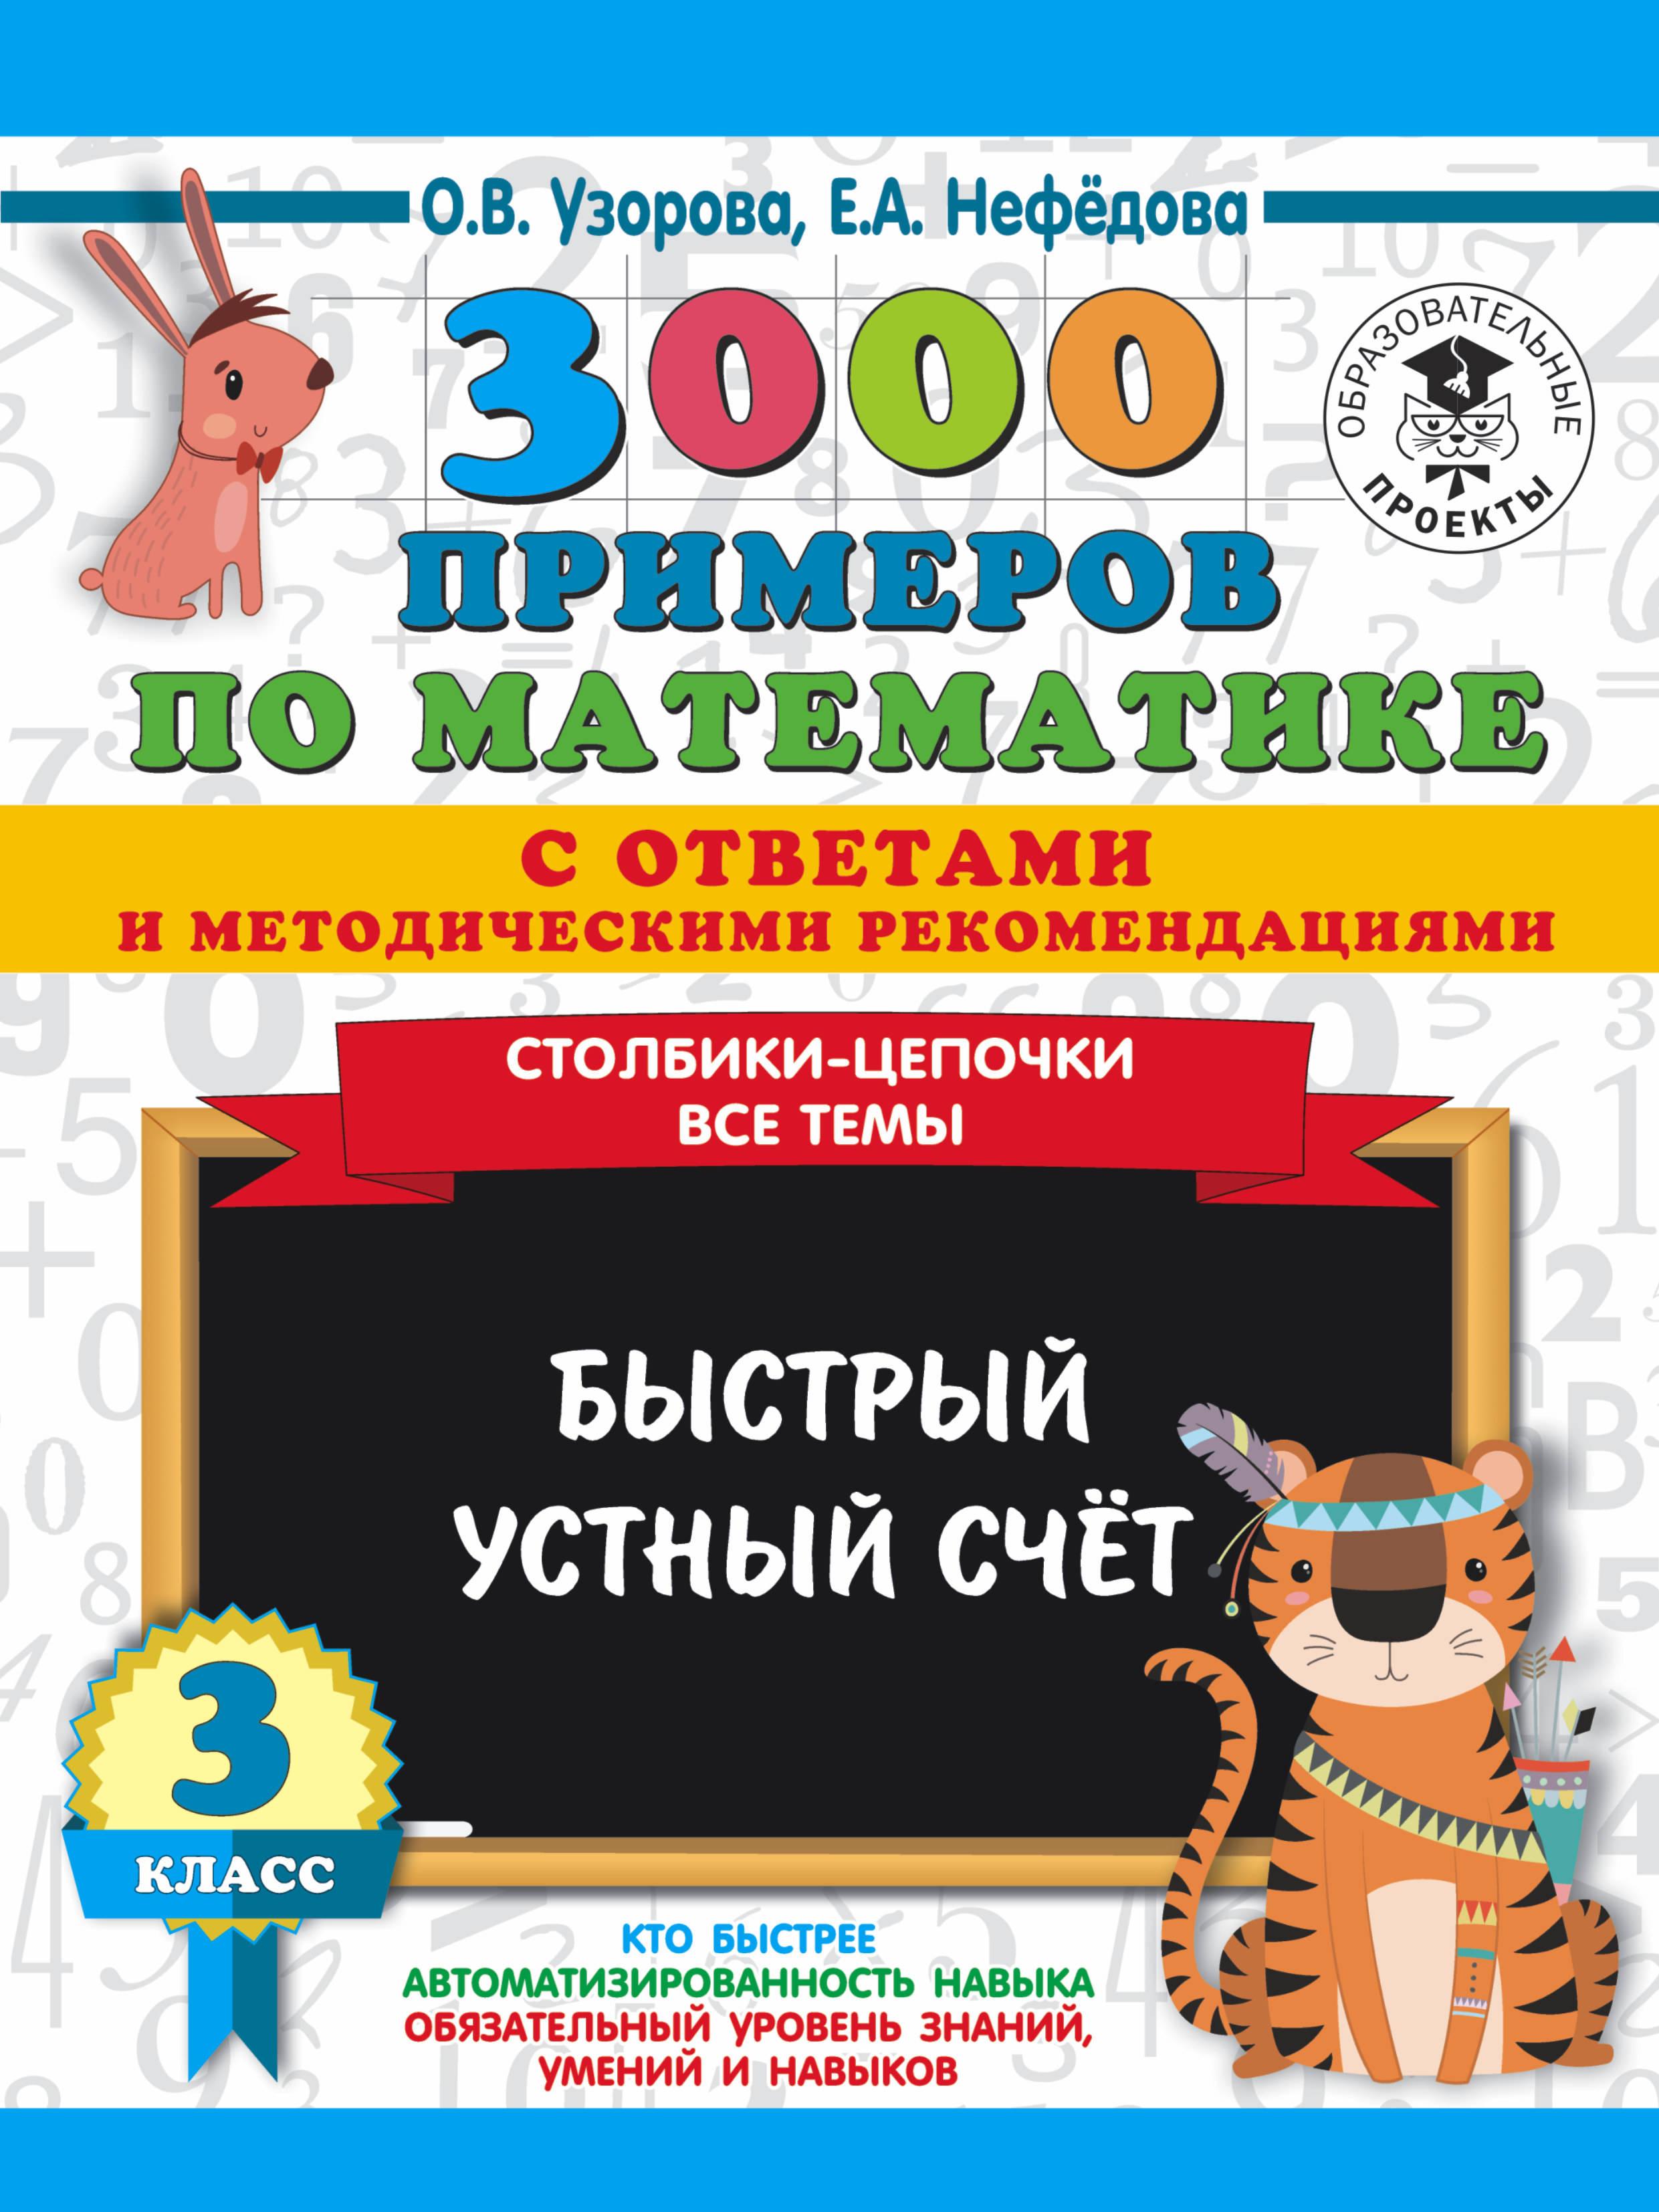 3000 primerov po matematike s otvetami i metodicheskimi rekomendatsijami. Stolbiki-tsepochki. Vse temy. Bystryj ustnyj schjot. 3 klass